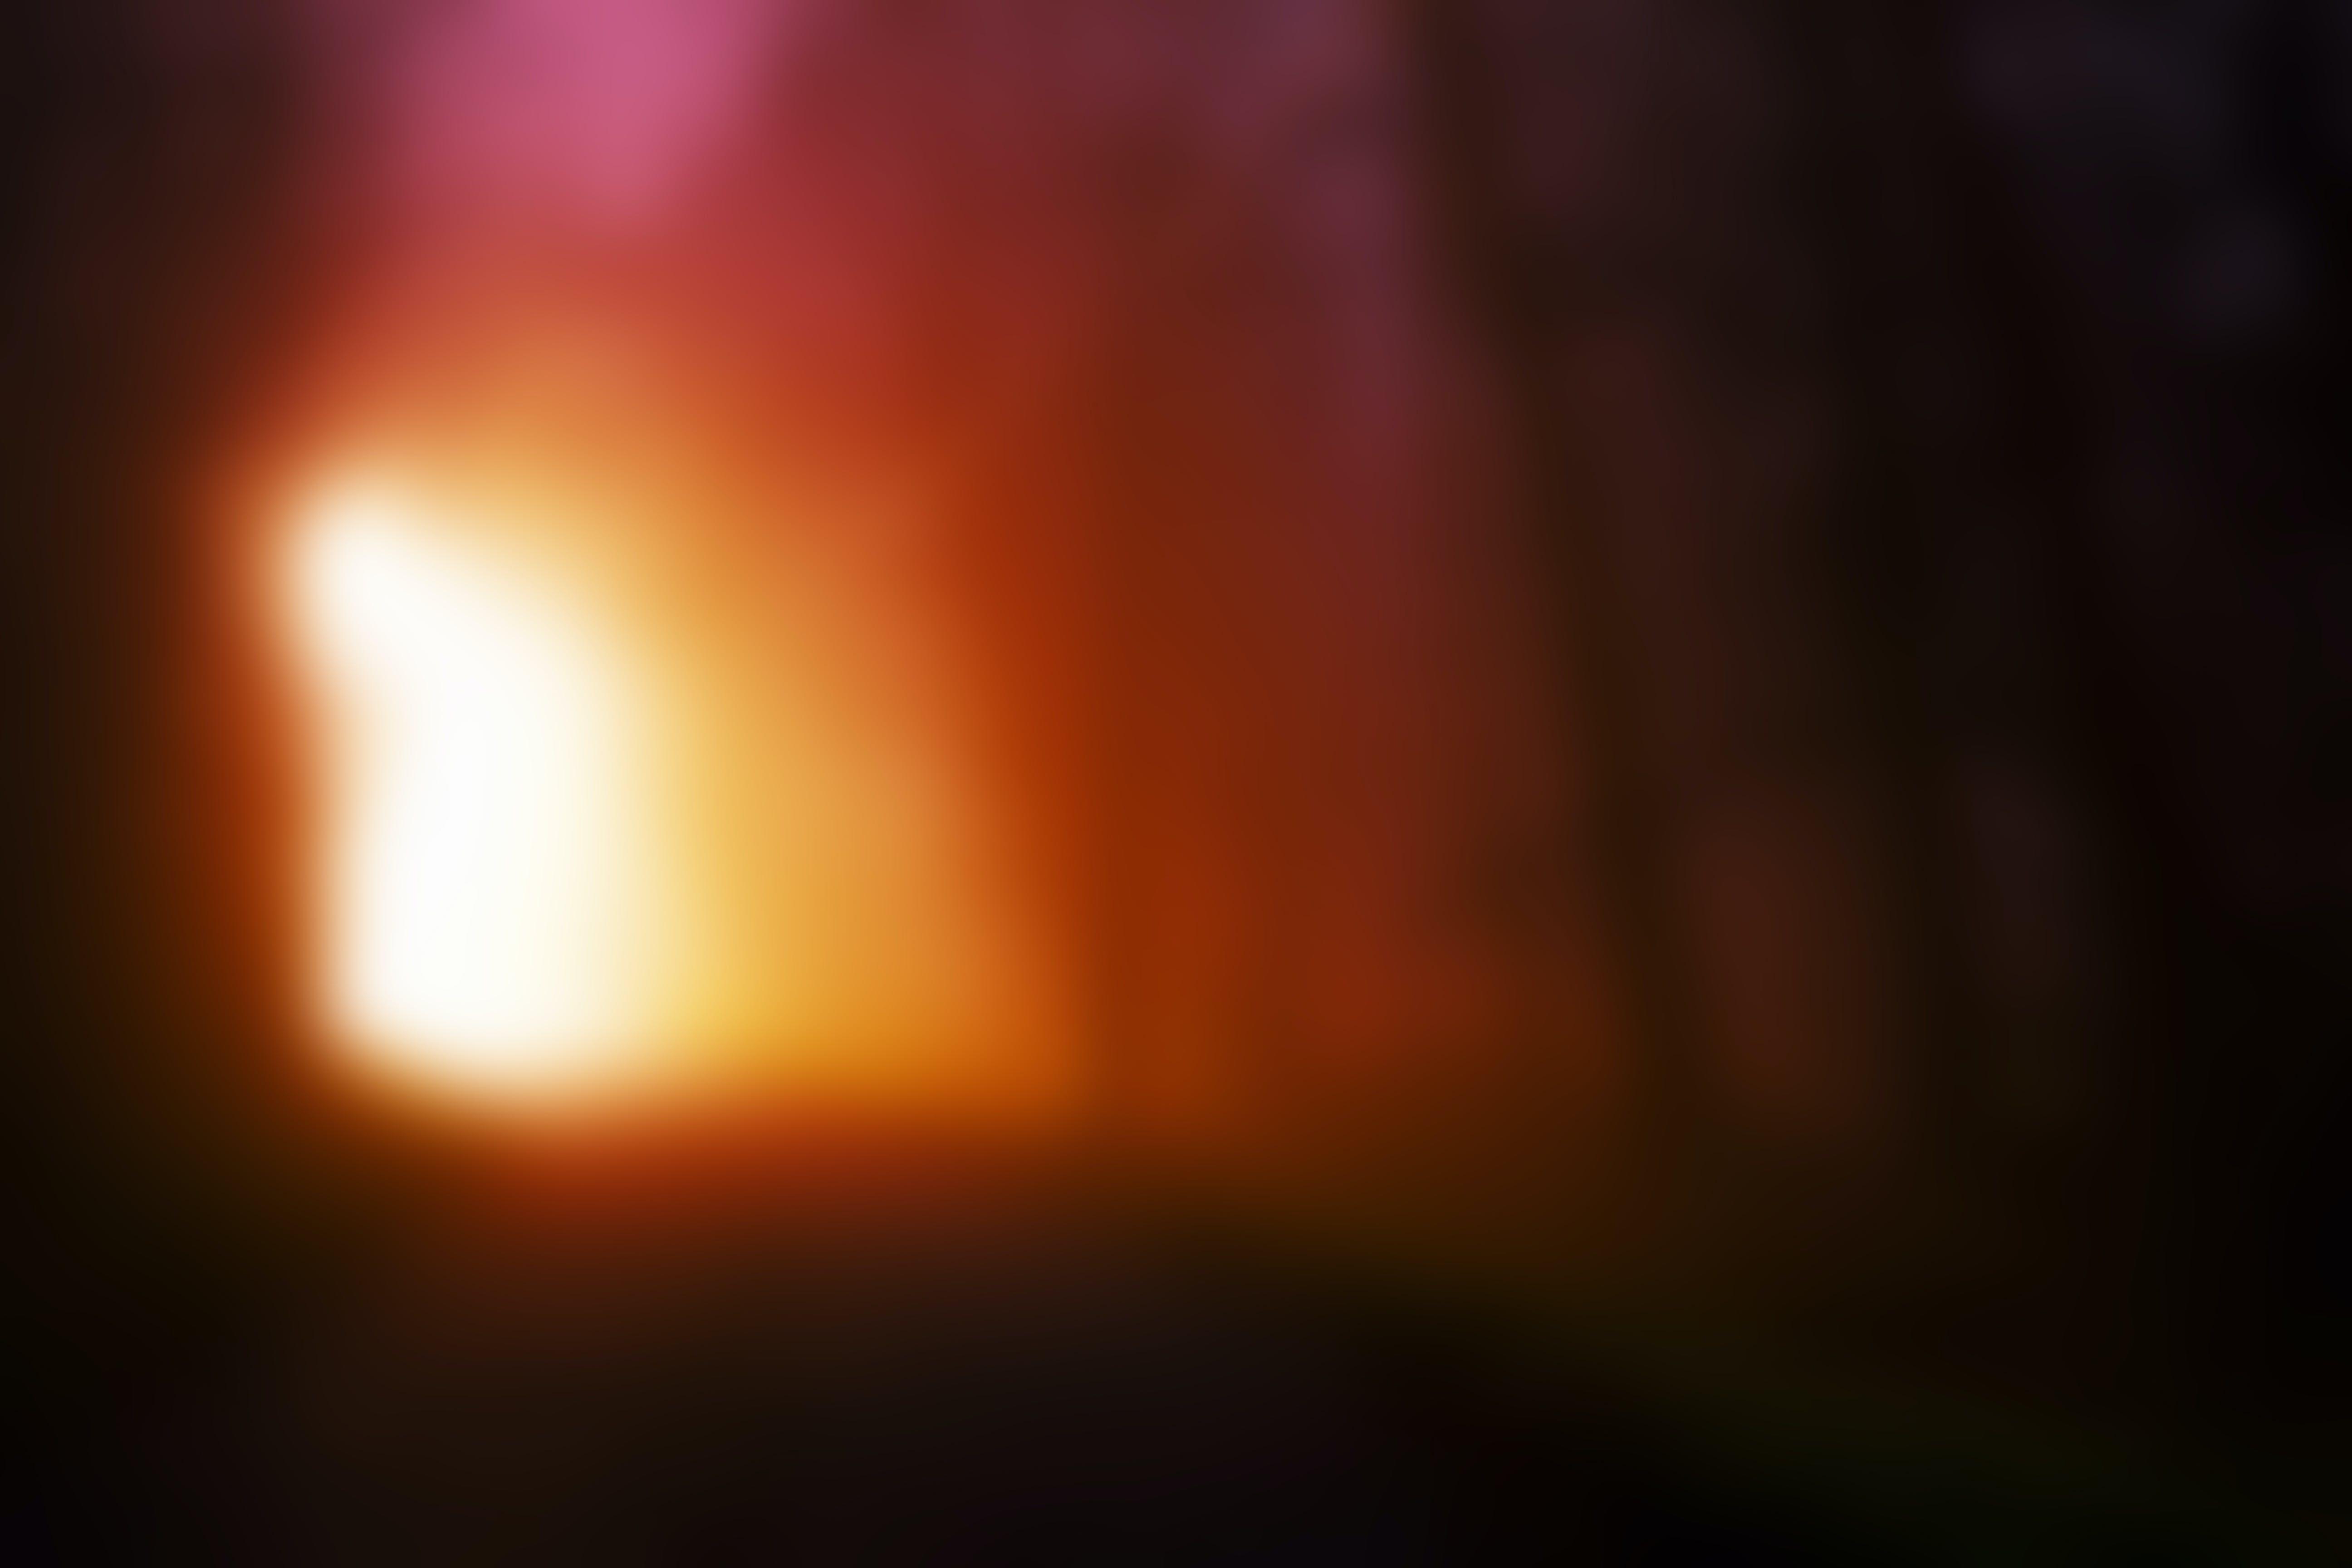 Dark Red Blurred Background